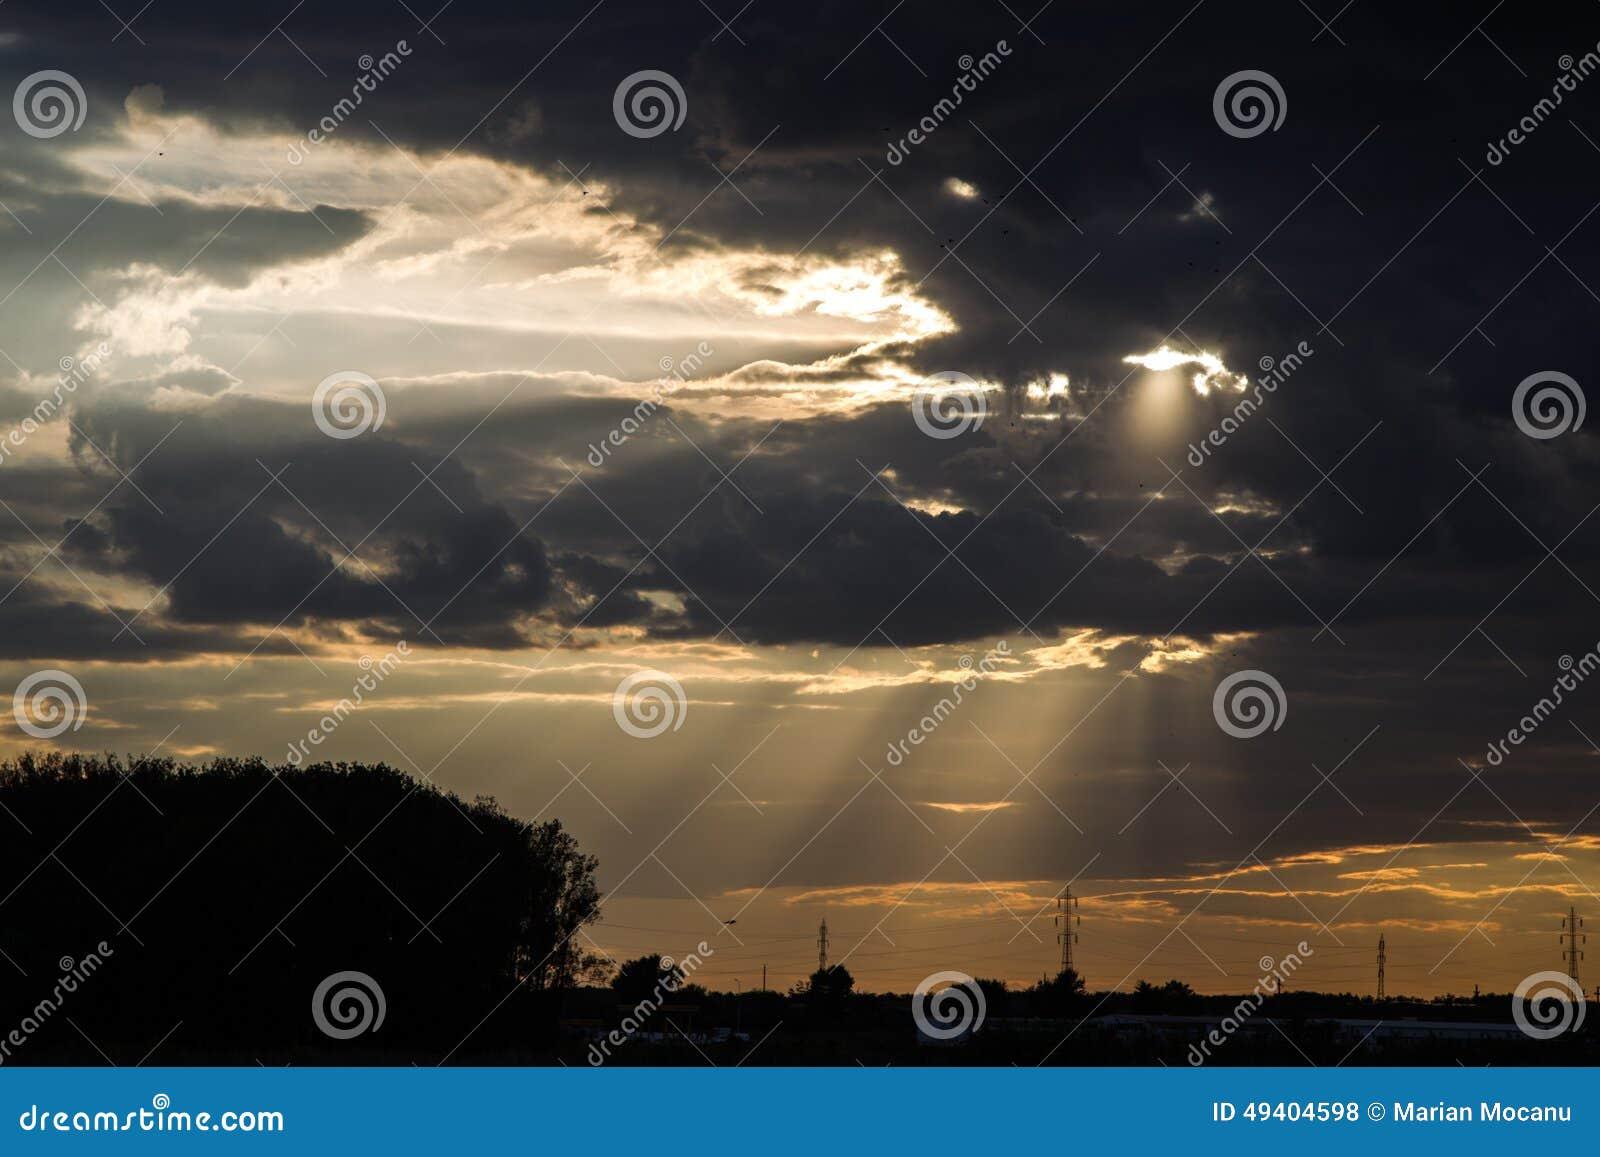 Download Sonnenuntergang stockfoto. Bild von gold, himmel, solar - 49404598